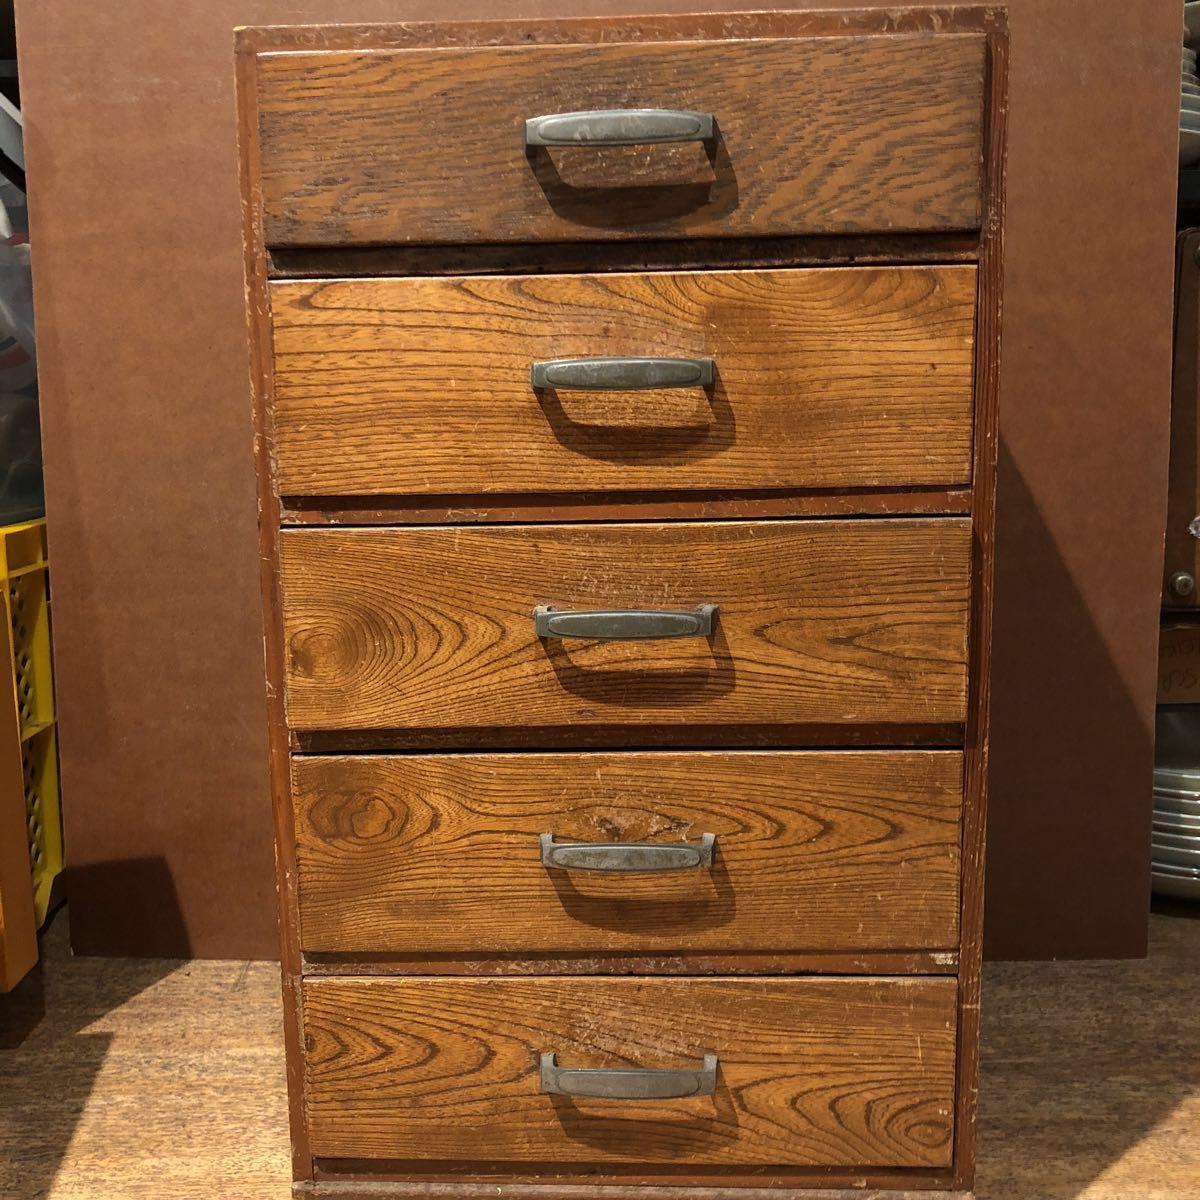 レトロ 木箱 5段 アンティーク 小引き出し 収納古道具 小物入れ_画像1